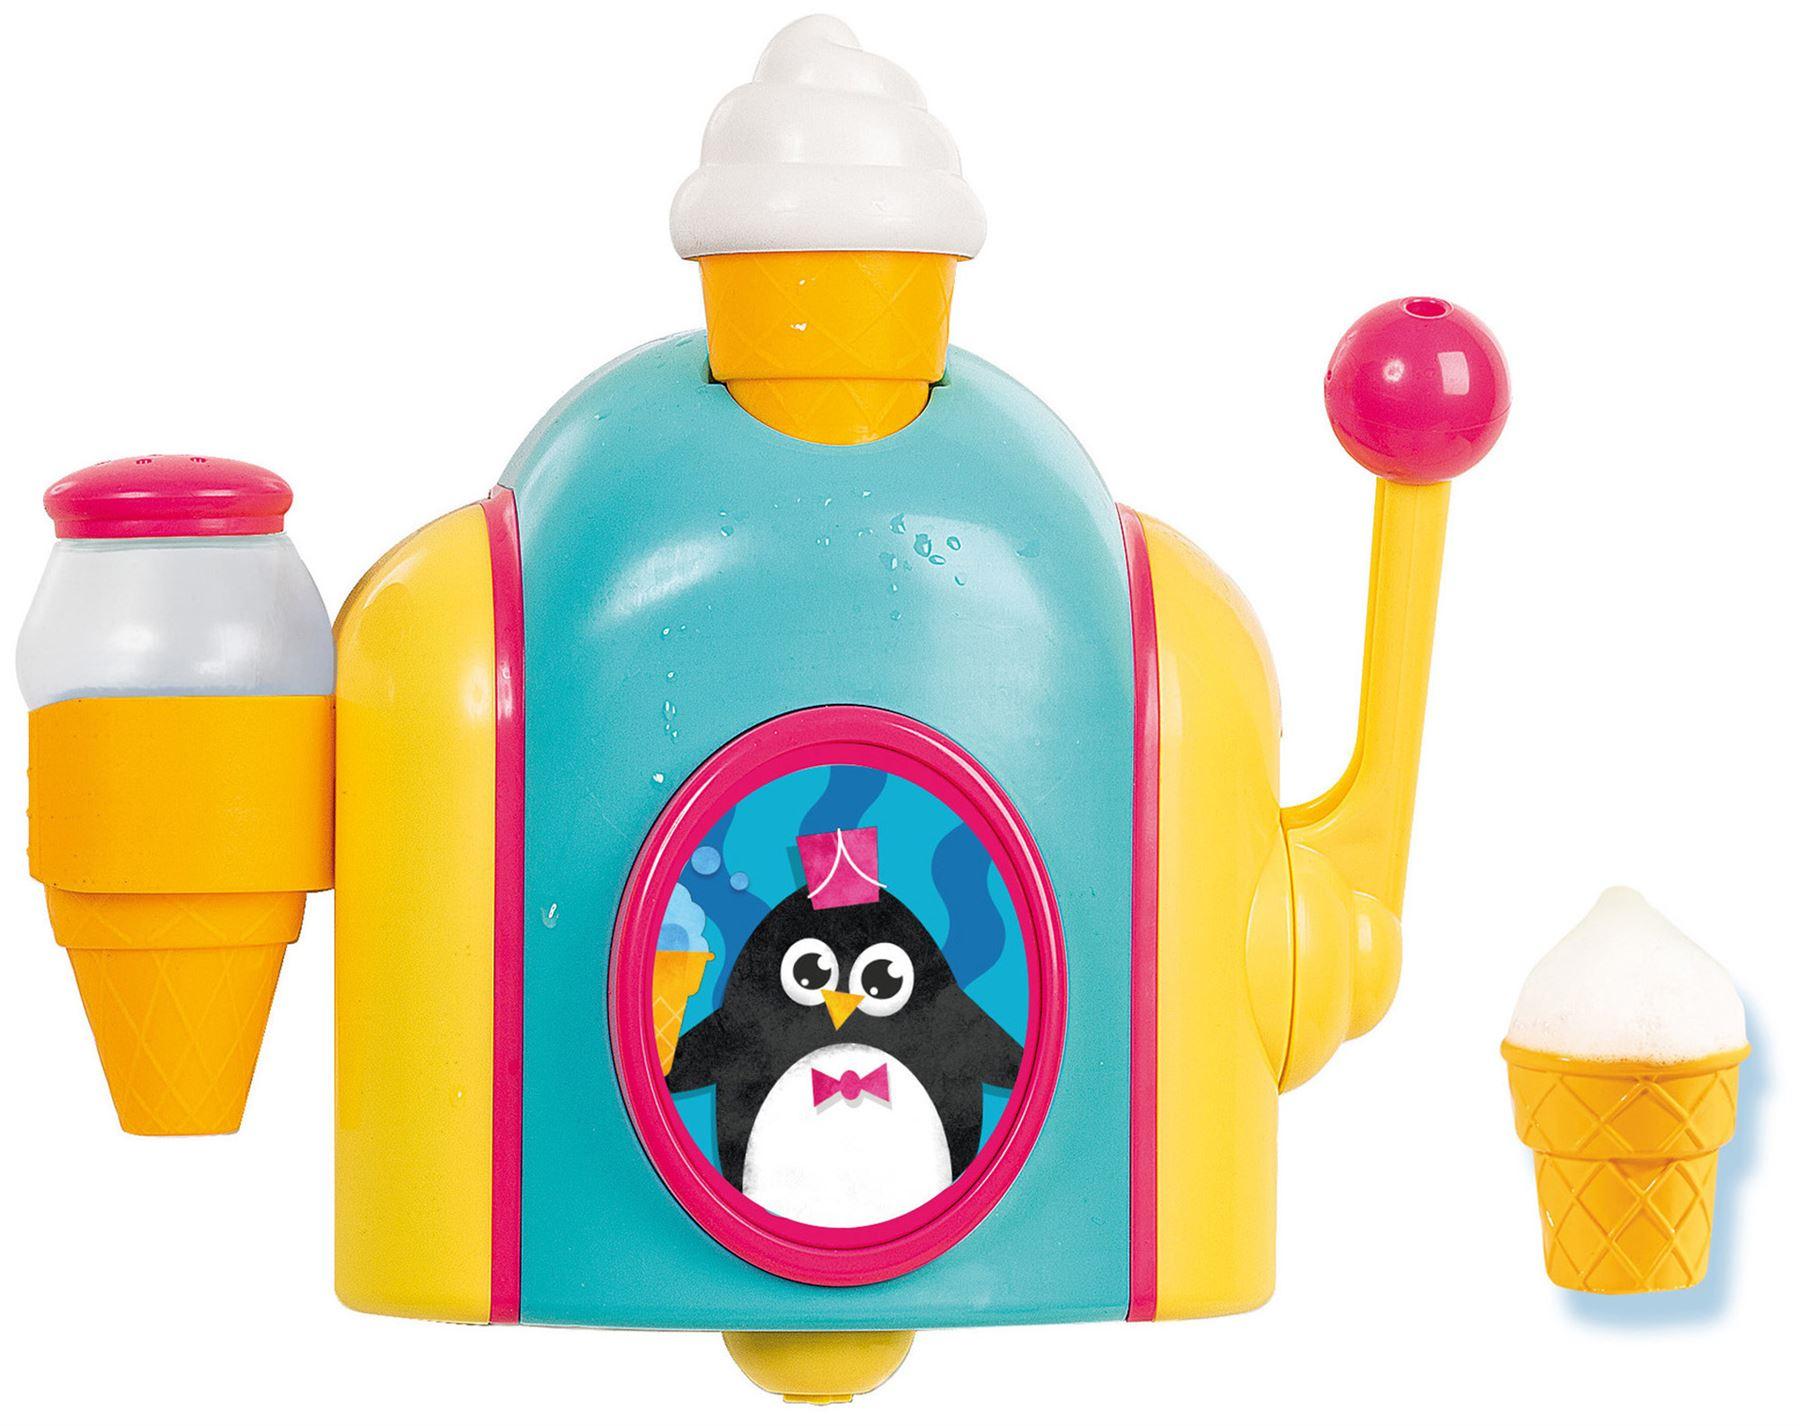 Tomy Toomies Eau Whistlers Bébé Développement Jouet Nouveau Toys & Hobbies